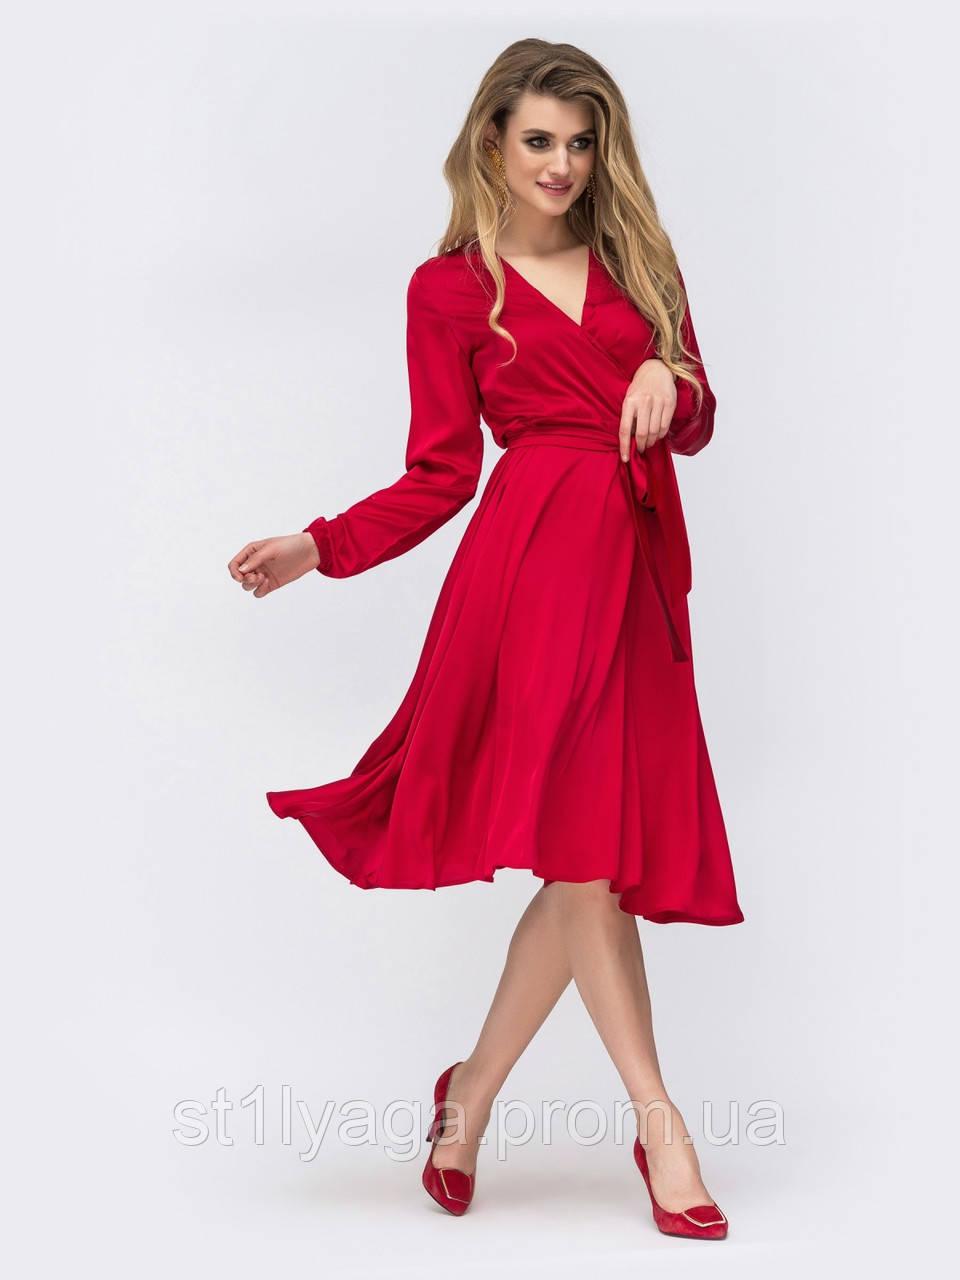 Шелковое платье длиной миди с лифом на запах